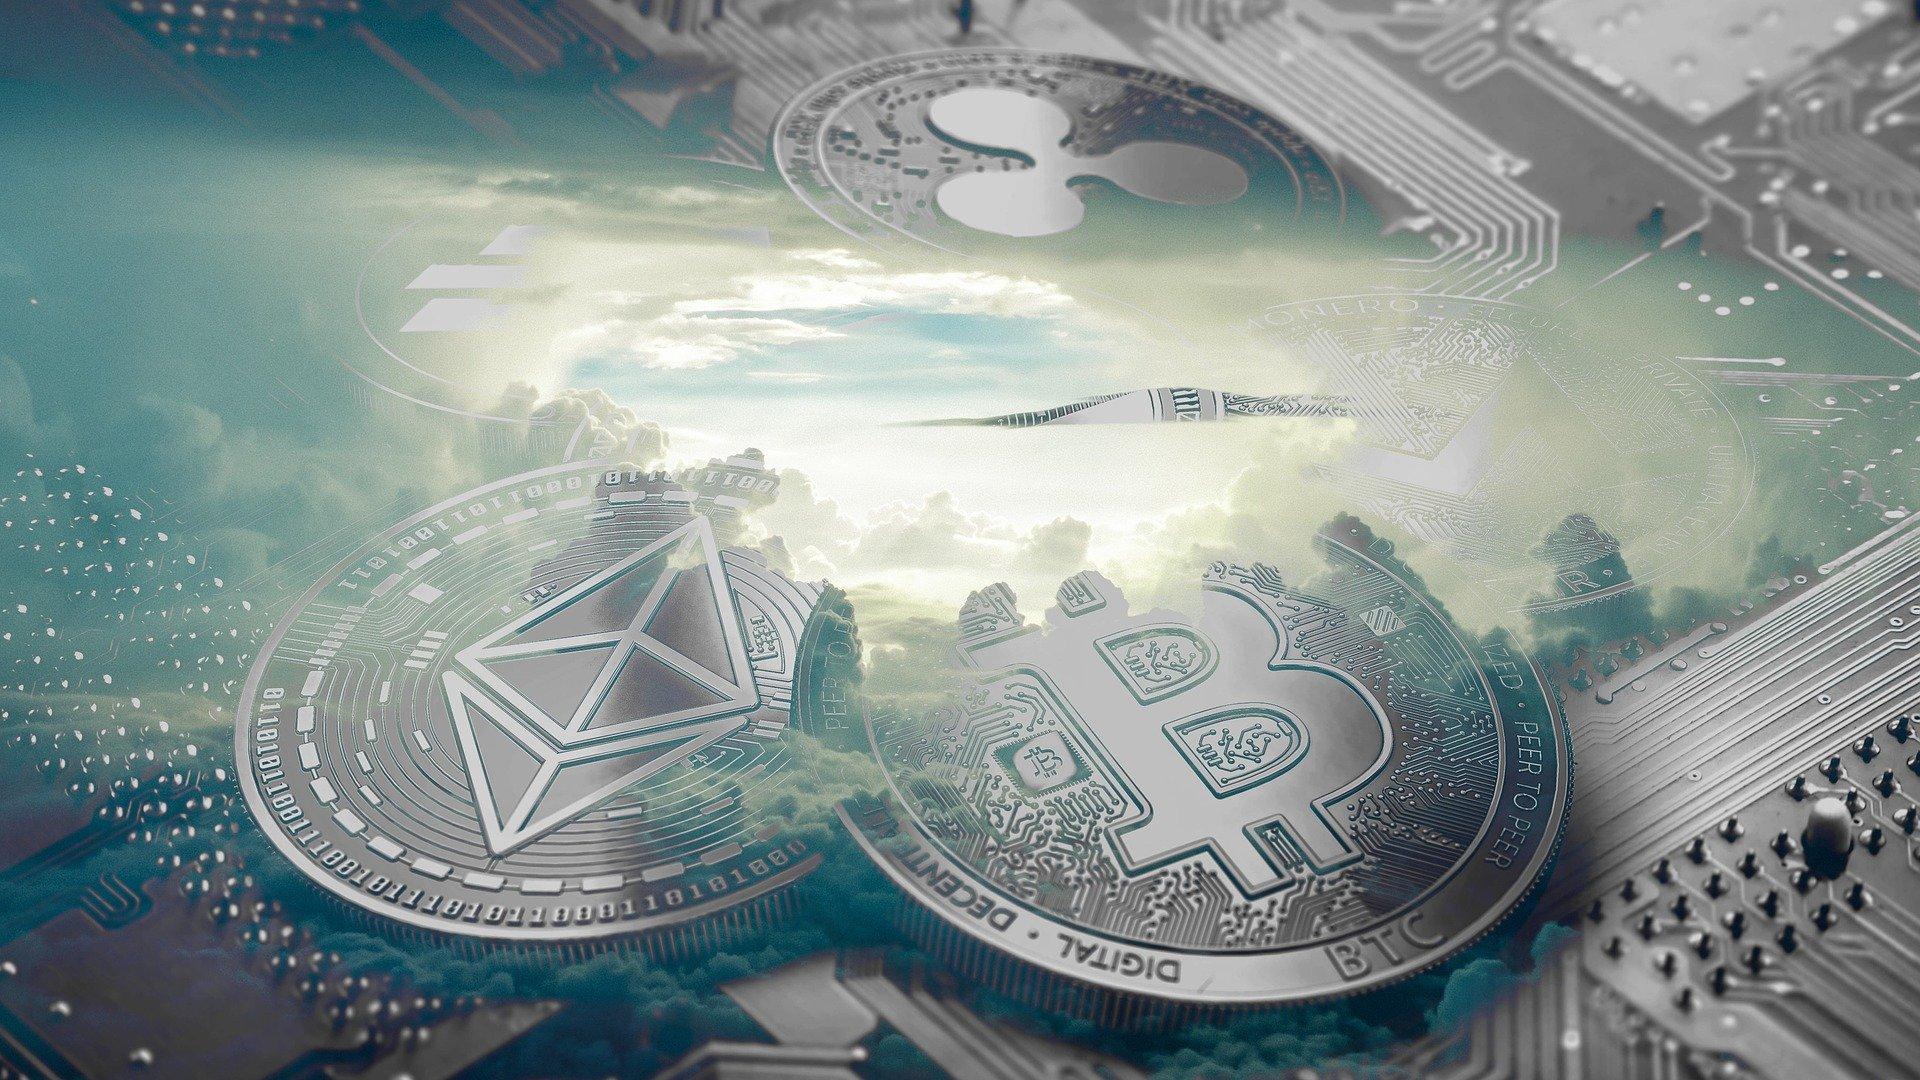 schnell wachsenden Bitcoin Trader Branche